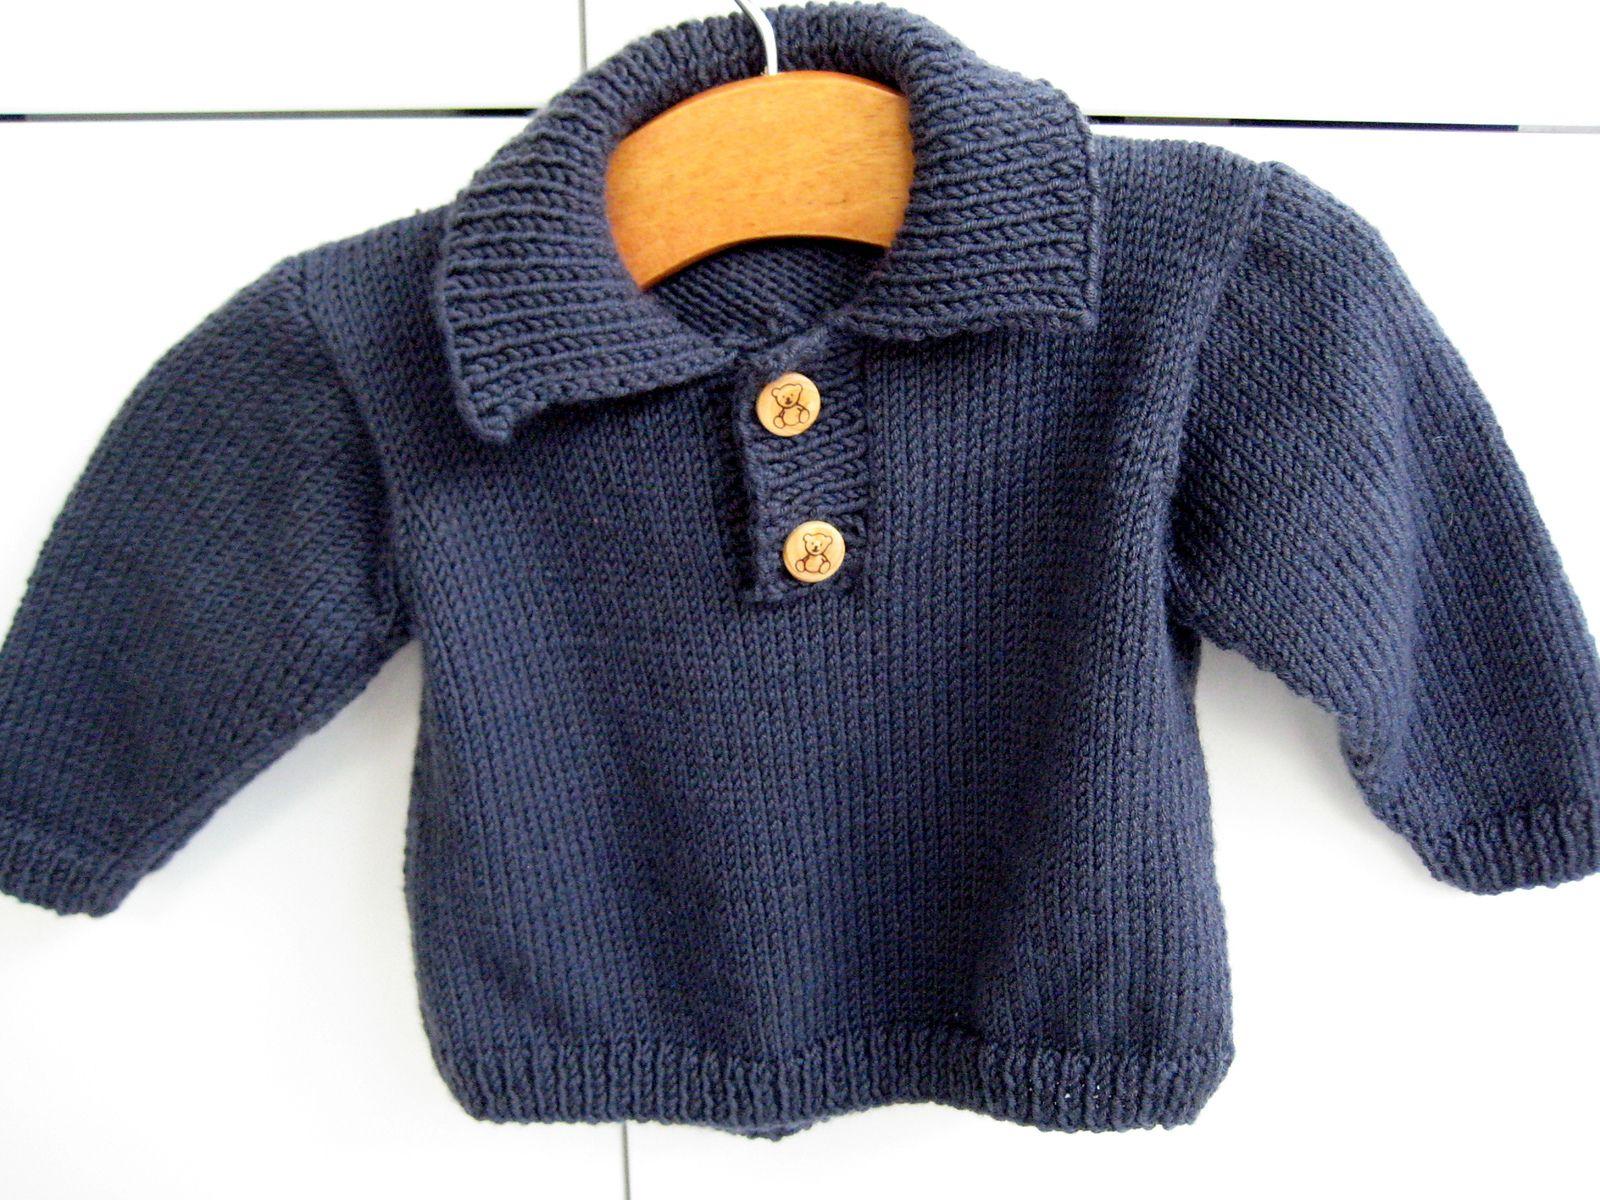 830d734b19fd All Knitted Lace  Nouveau modèle de libération  Cardigan bébé deux ...